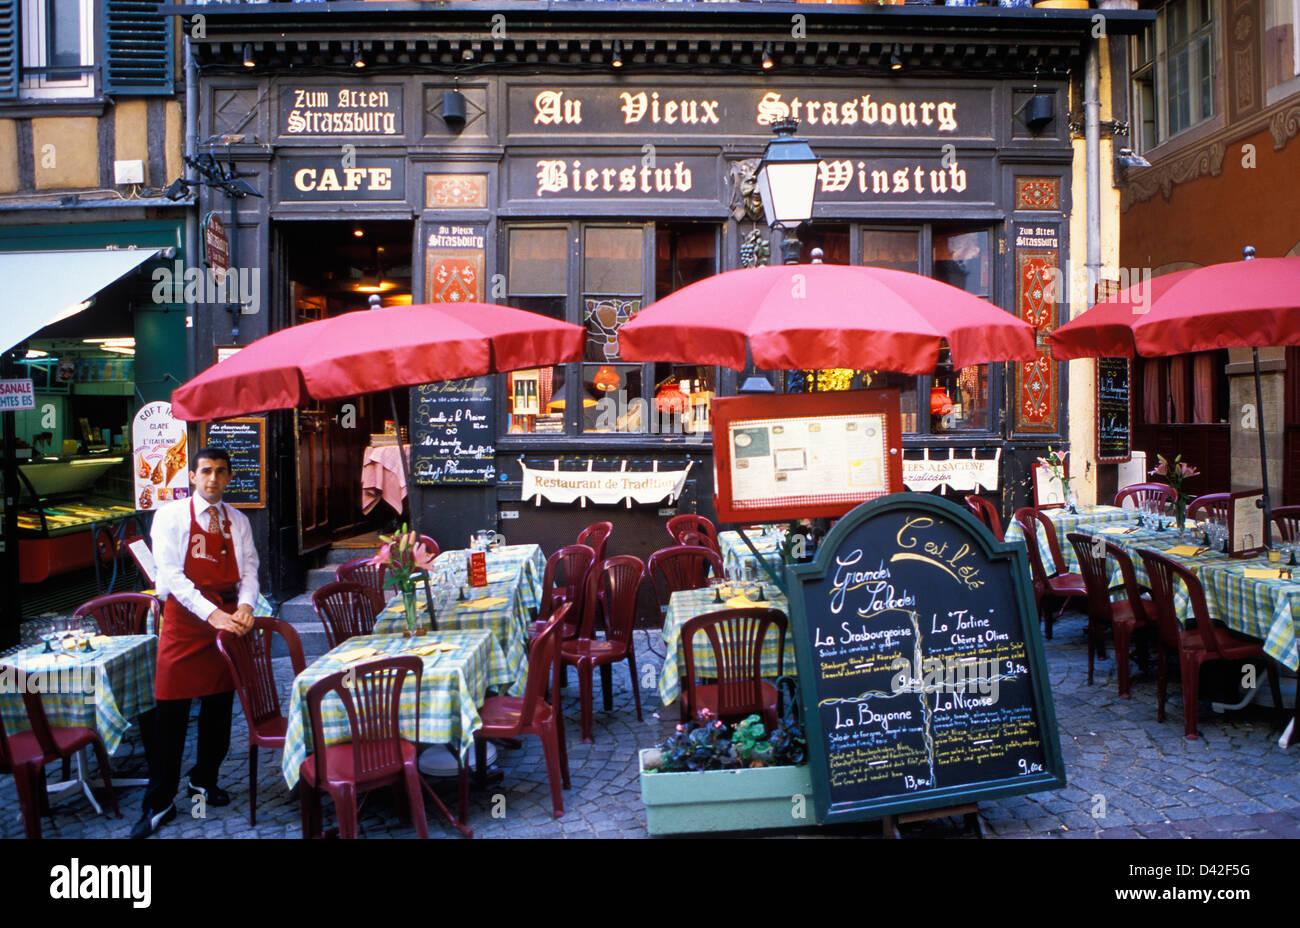 Restaurant Cafe Au Vieux Strasbourg Alsace France - Stock Image